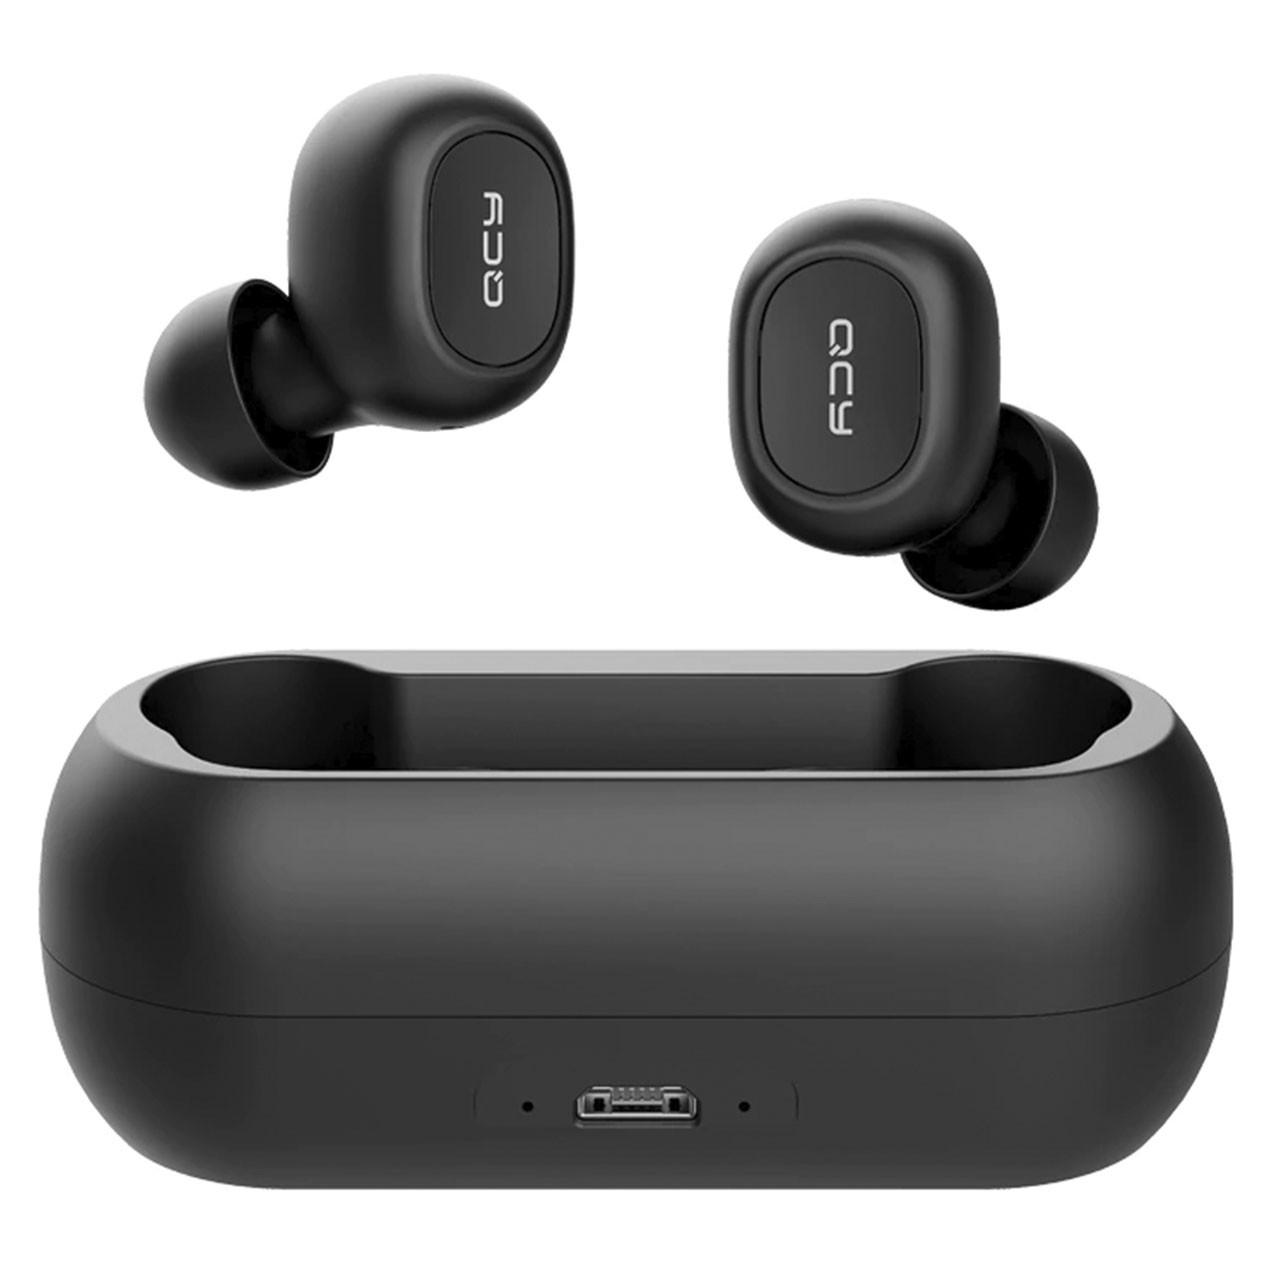 ✦Беспроводная TWS гарнитура QCY T1 Black спортивные наушники Bluetooth V5.0 аккумулятор 380mAh IPX4